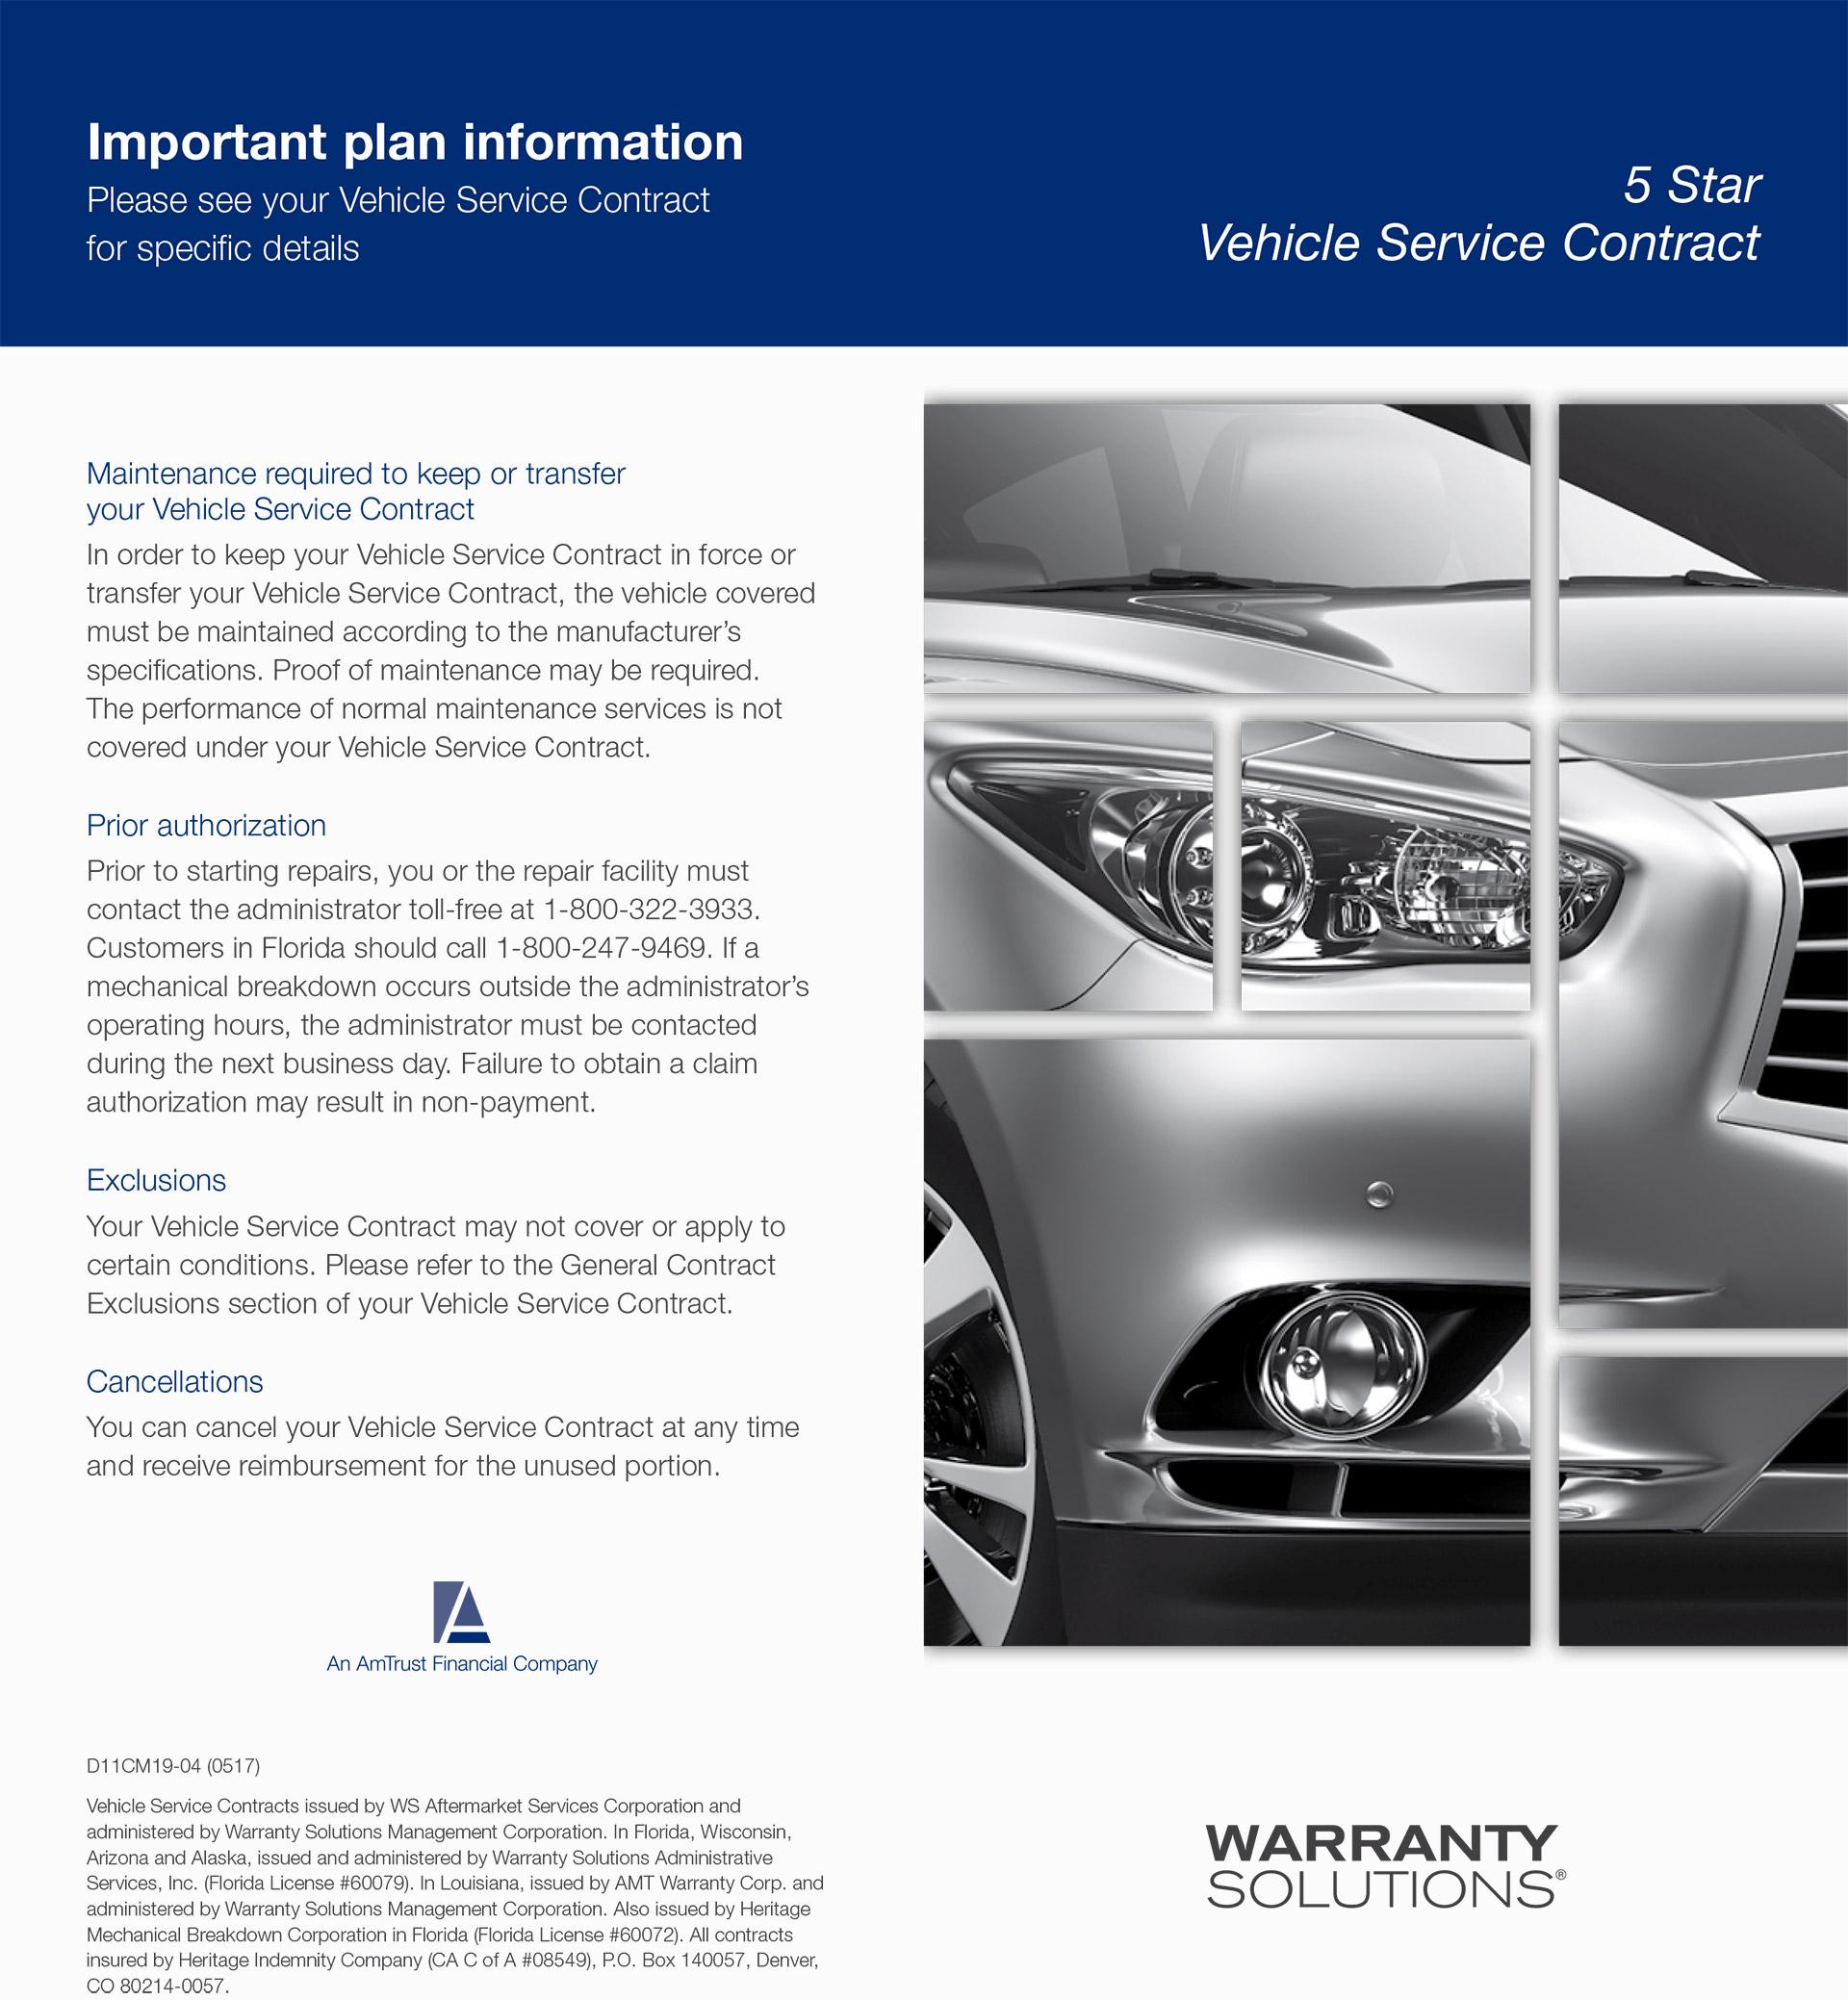 Warranty | Diamond Motorworks